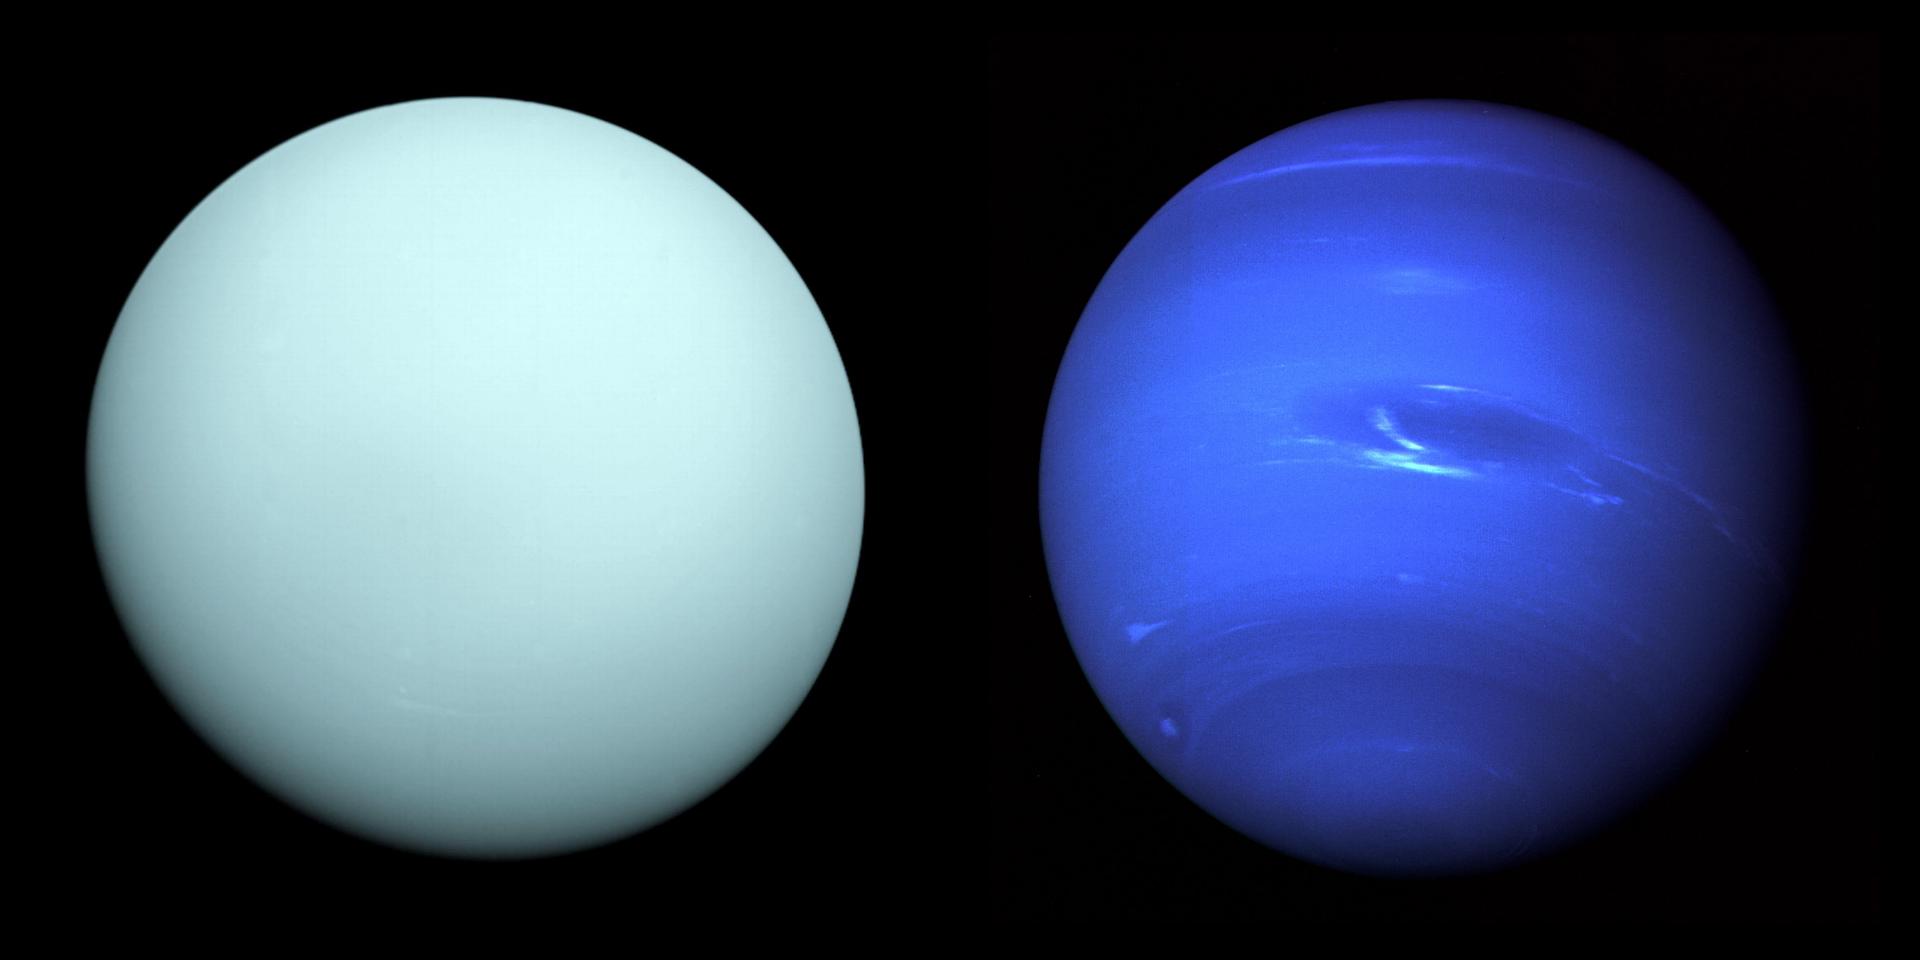 NASA eyes close-up mission to Uranus, Neptune